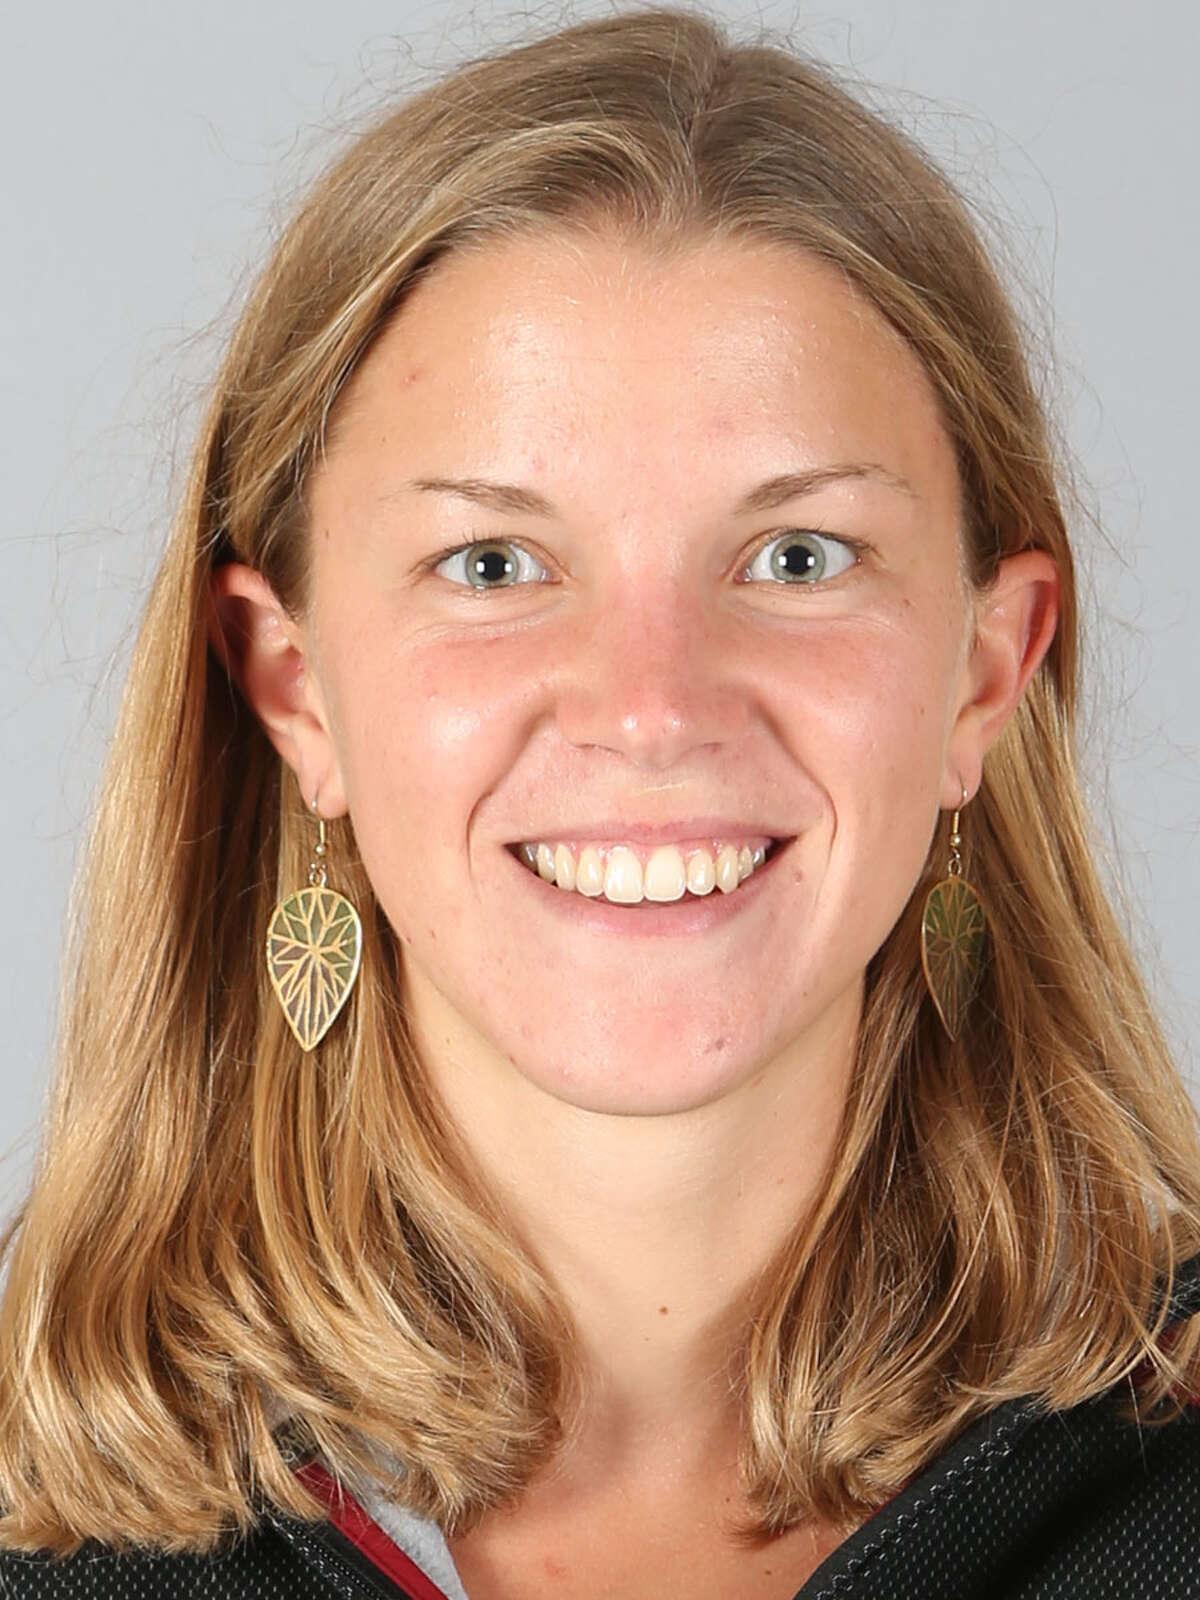 Danielle Winslow. (Photo courtesy Boston College)